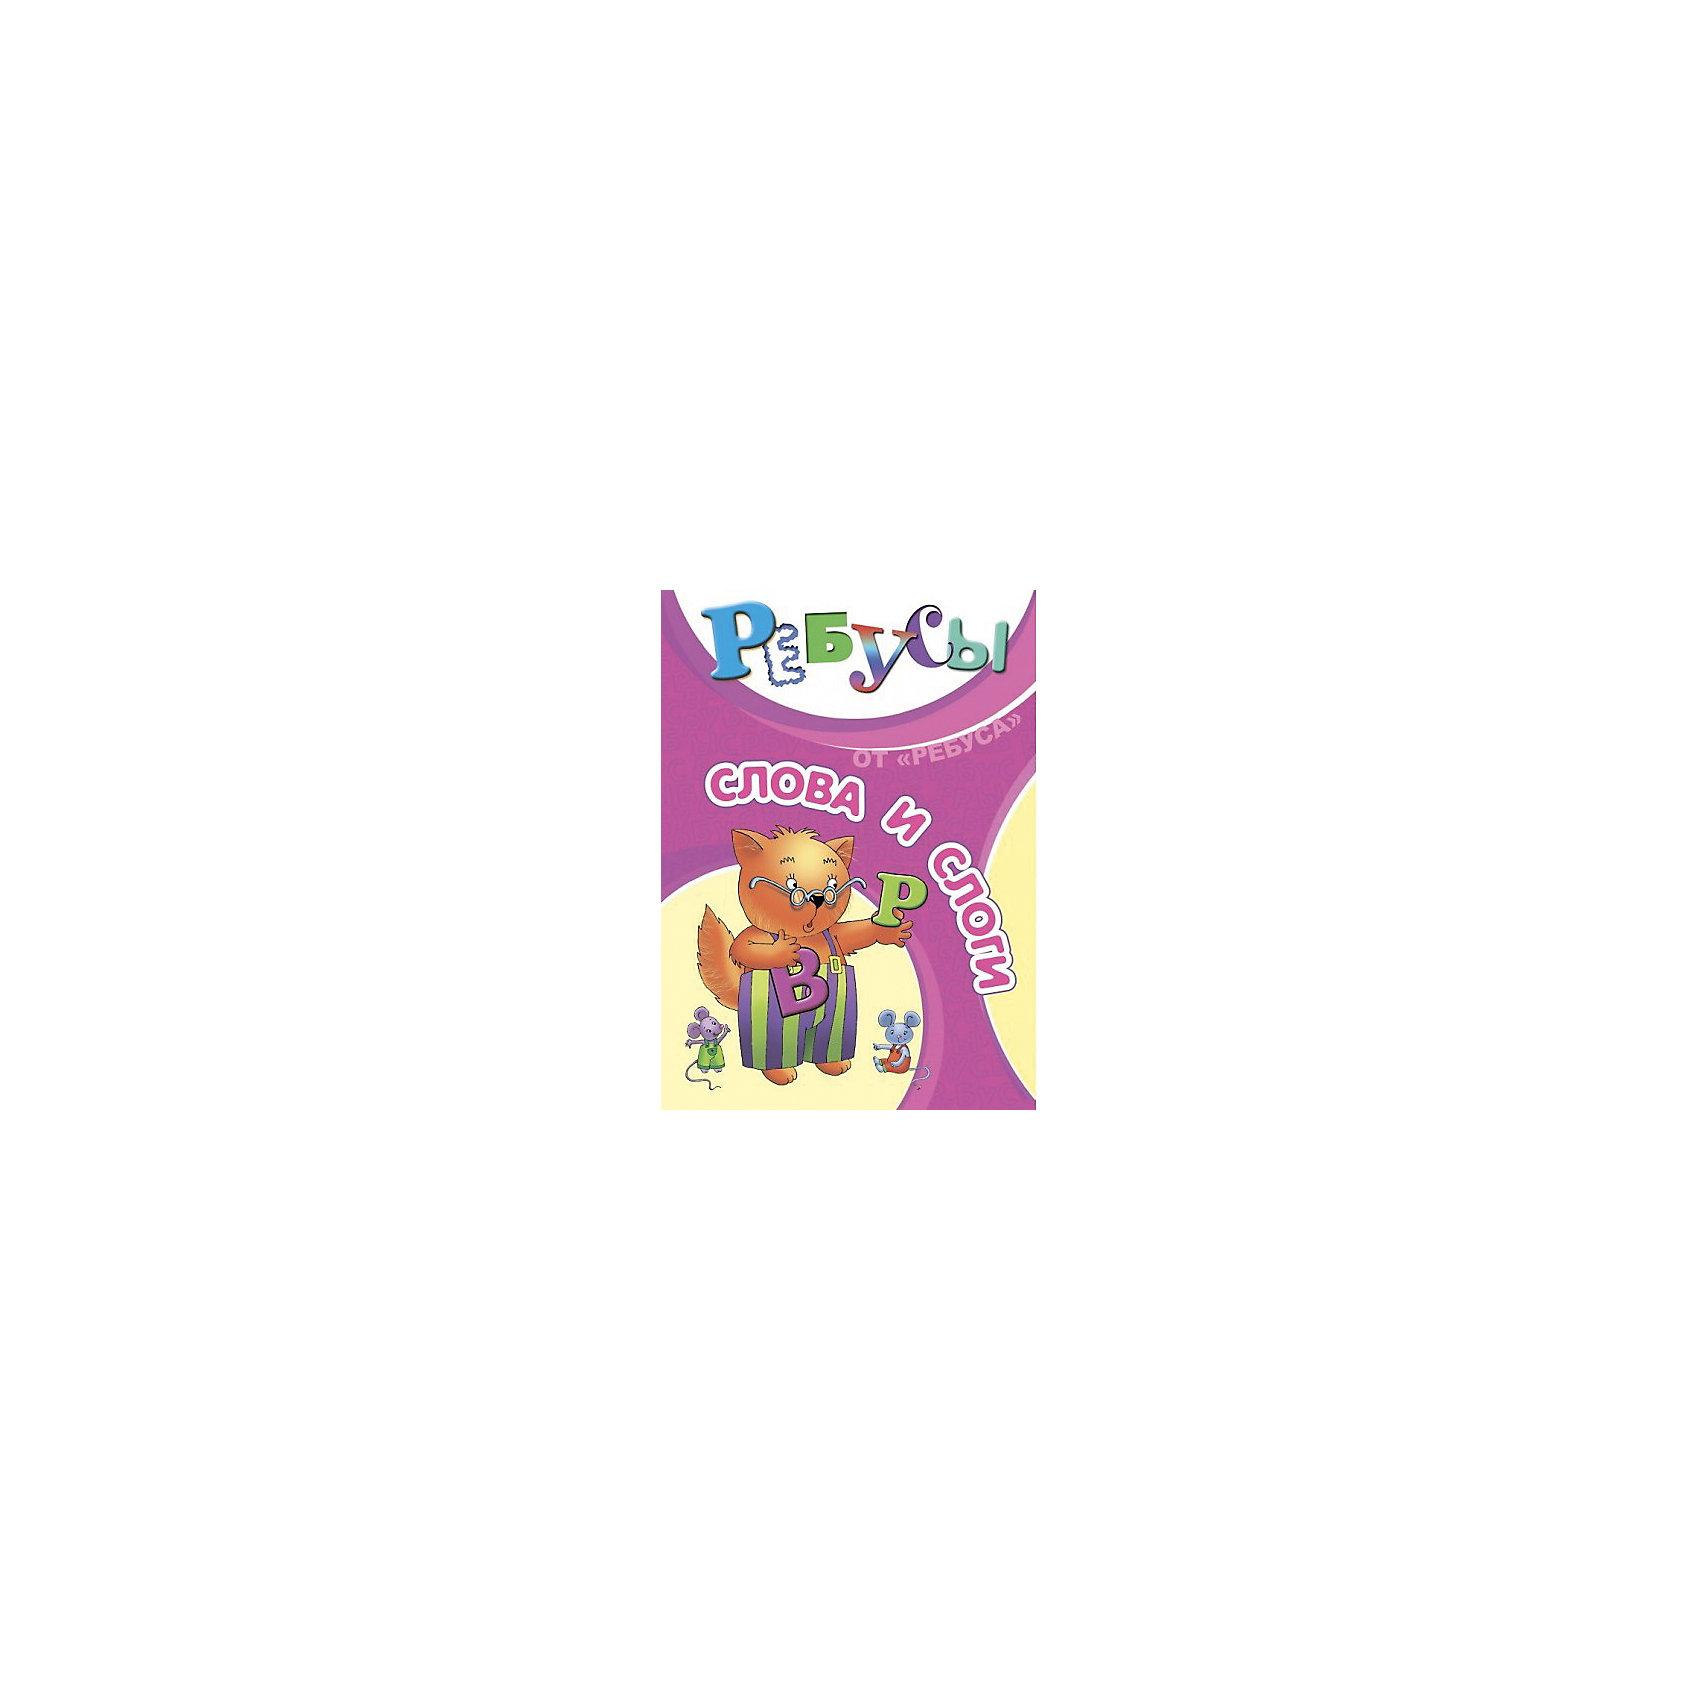 Ребусы Слова и слоги, Игротека Татьяны БарчанВикторины и ребусы<br>Ребусы Слова и слоги, Игротека Татьяны Барчан.<br><br>Характеристики:<br><br>• Для детей в возрасте: от 6 до 12 лет<br>• В комплекте: 18 карточек с ребусами, 2 карточки с ответами, инструкция<br>• Размер карточек: 11,5х7,5 см.<br>• Материал: плотный качественный картон<br>• Производитель: ЦОТР Ребус (Россия)<br>• Упаковка: картонная коробка<br>• Размер упаковки: 115х85х20 мм.<br>• Вес: 60 гр.<br><br>18 двухсторонних карточек с ребусами, входящие в комплект Слова и слоги, помогут ребятам научиться делить слова на слоги, складывать слова из слогов и выделять ударные слоги. Разгадать ребусы смогут даже ребята, которые еще не освоили навык чтения, ведь складывать новые слова нужно из двух или трех слогов слов названий картинок карточек. Новые слова всегда складываются из ударных слогов, поэтому вновь образованное слово, маленький эрудит всегда будет произносить грамматически правильно. <br><br>Задания можно использовать в конкурсах, викторинах, на праздниках. Небольшой формат позволяет взять игру в дорогу. Занимательный процесс разгадывания ребусов способствует развитию у детей внимания, пространственно-логического мышления и наблюдательности.<br><br>Ребусы Слова и слоги, Игротека Татьяны Барчан можно купить в нашем интернет-магазине.<br><br>Ширина мм: 120<br>Глубина мм: 85<br>Высота мм: 20<br>Вес г: 50<br>Возраст от месяцев: 72<br>Возраст до месяцев: 144<br>Пол: Унисекс<br>Возраст: Детский<br>SKU: 6751356